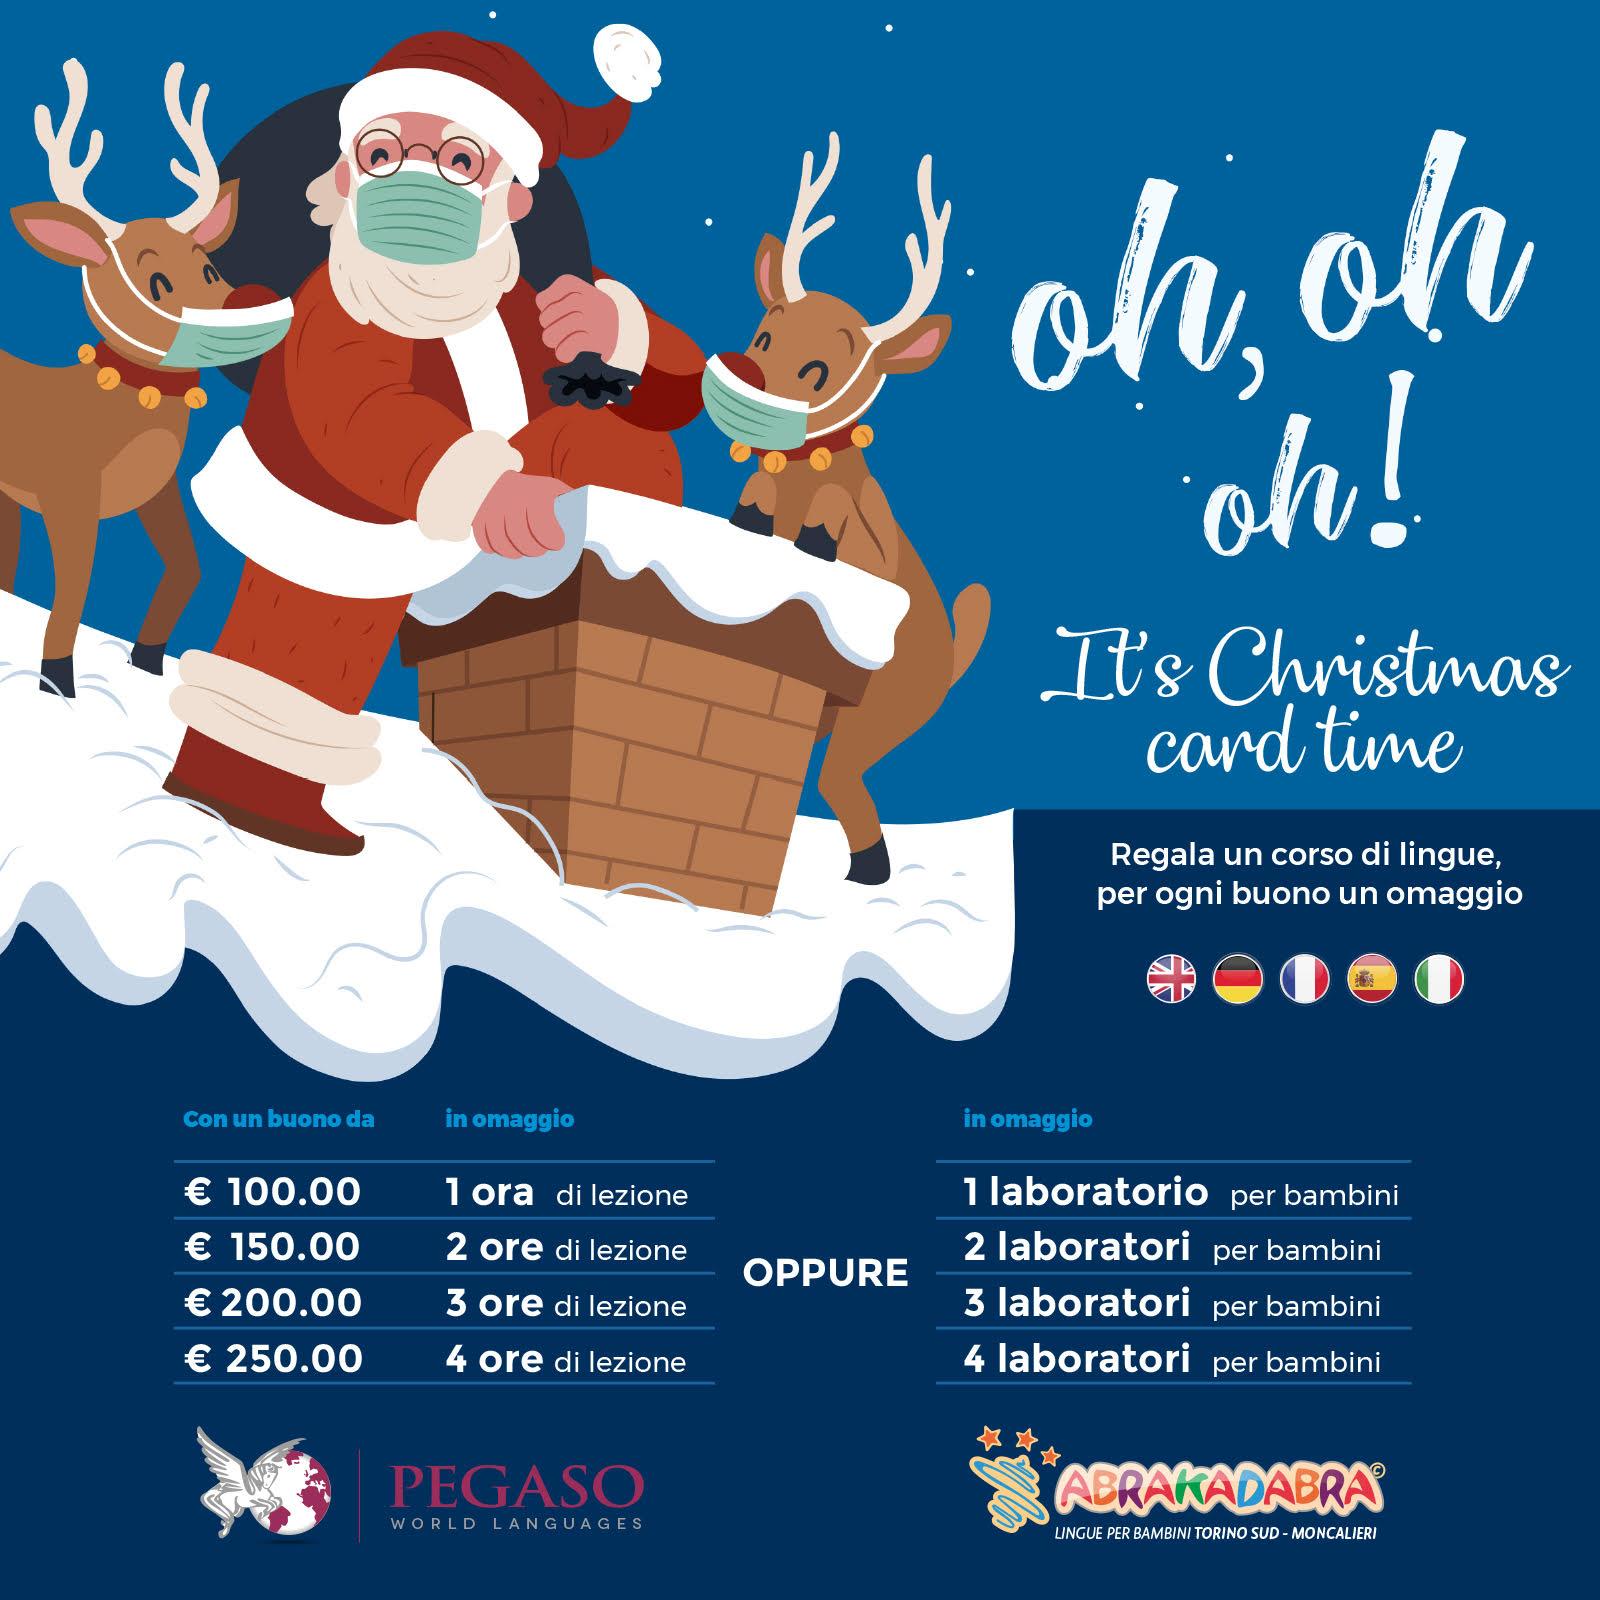 christmascard-regala-corsodilingue